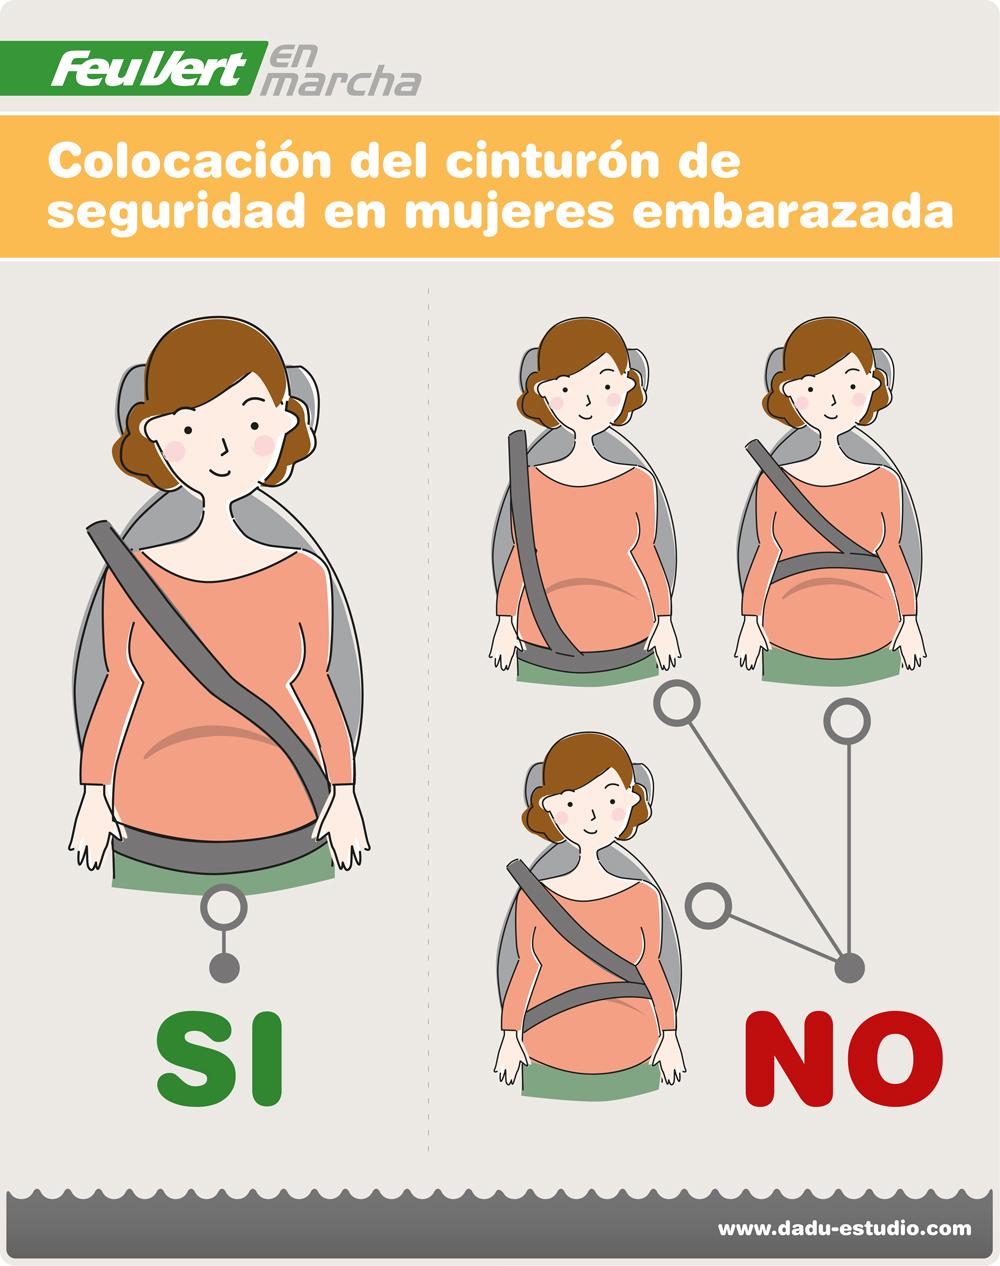 Cómo usar el cinturón de seguridad en embarazadas